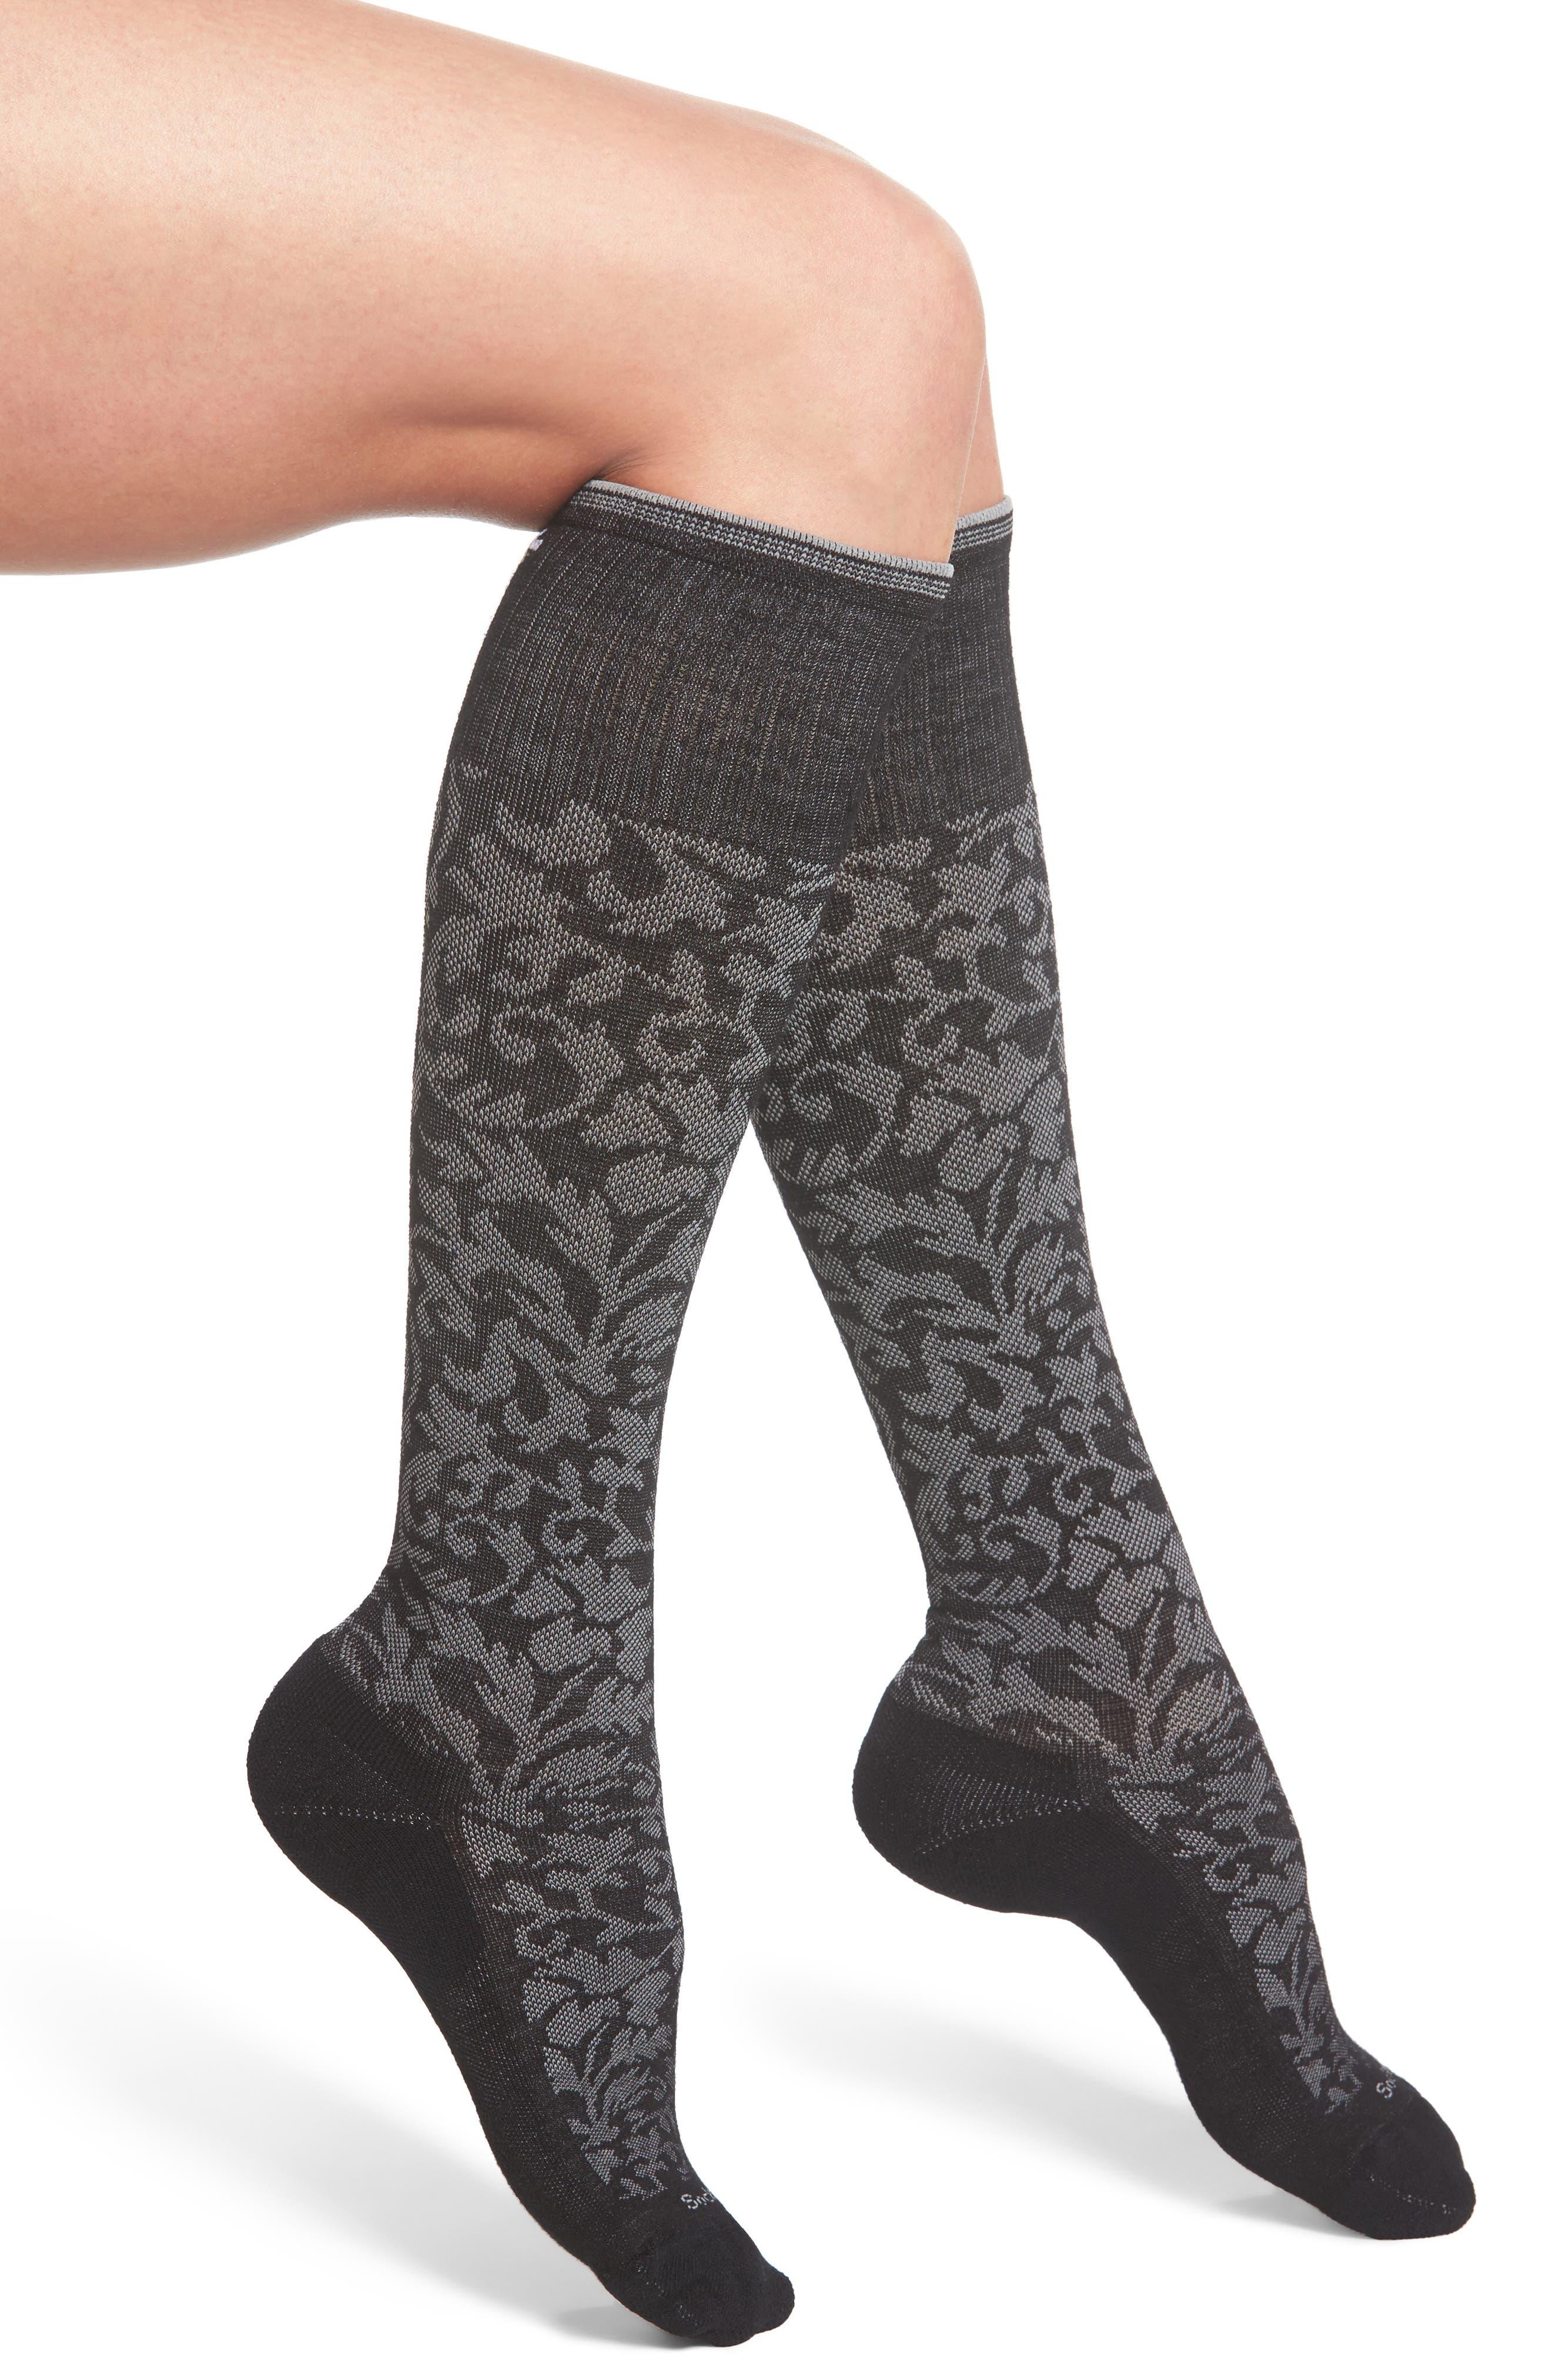 'Damask' Compression Socks,                         Main,                         color, 001